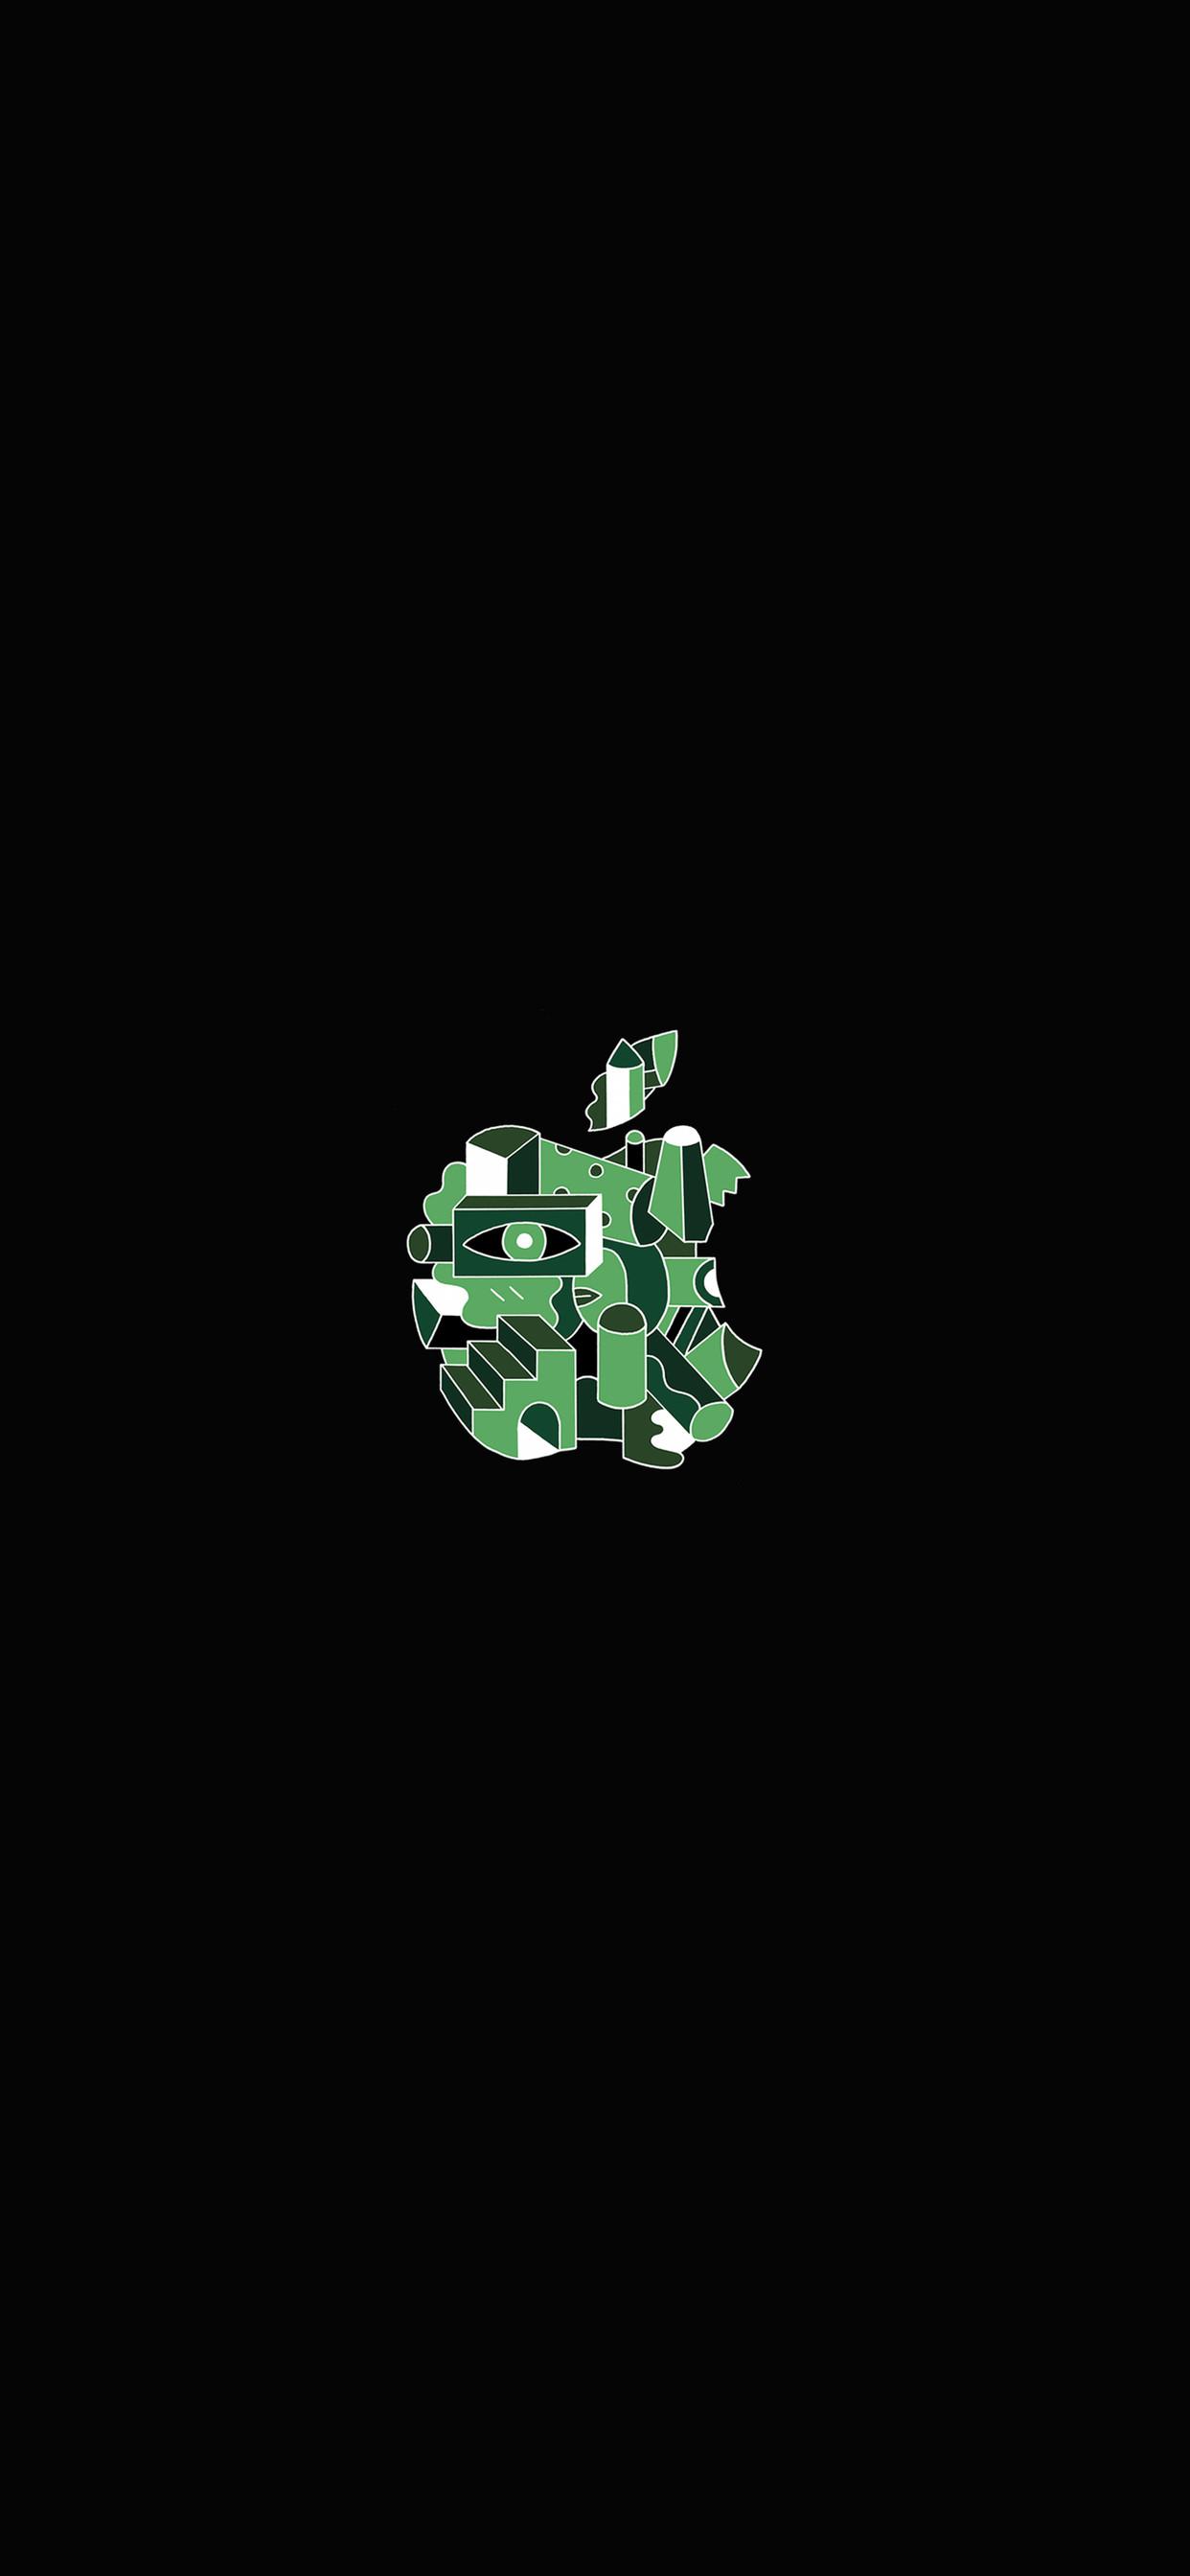 iPhone wallpaper apple logo 10 Fonds décran noirs avec le logo Apple en très haute résolution